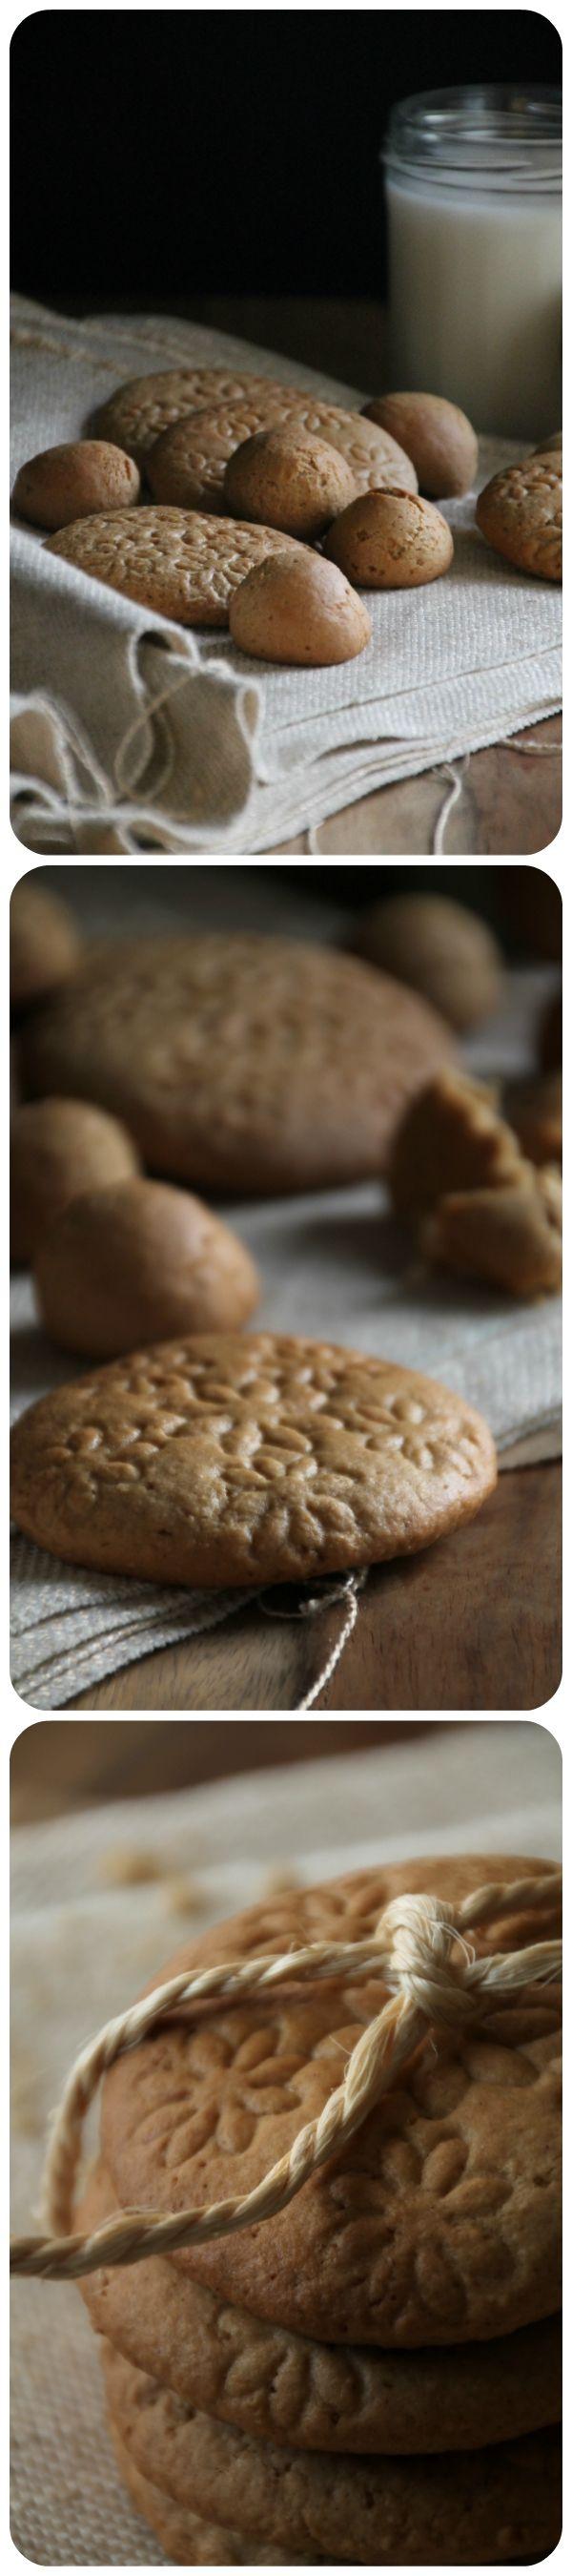 Een recept voor speculaas koekjes, krokant aan de buitenkant en zacht vanbinnen. Het perfecte koekje om te serveren tijdens Sinterklaas of de kerst periode!  Recipe Speculaas cookies